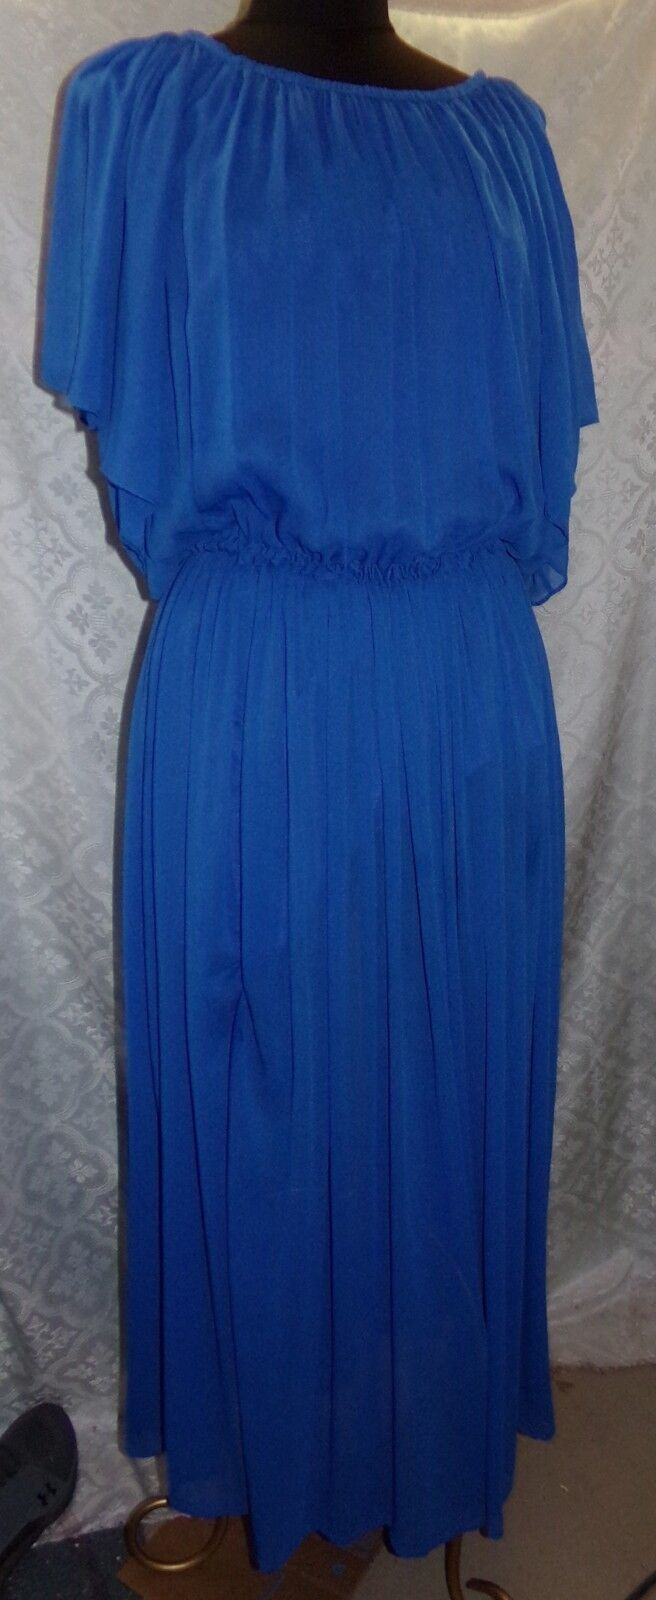 The Wallflower Maxi Dress XS Womens bluee Flowy Flowing